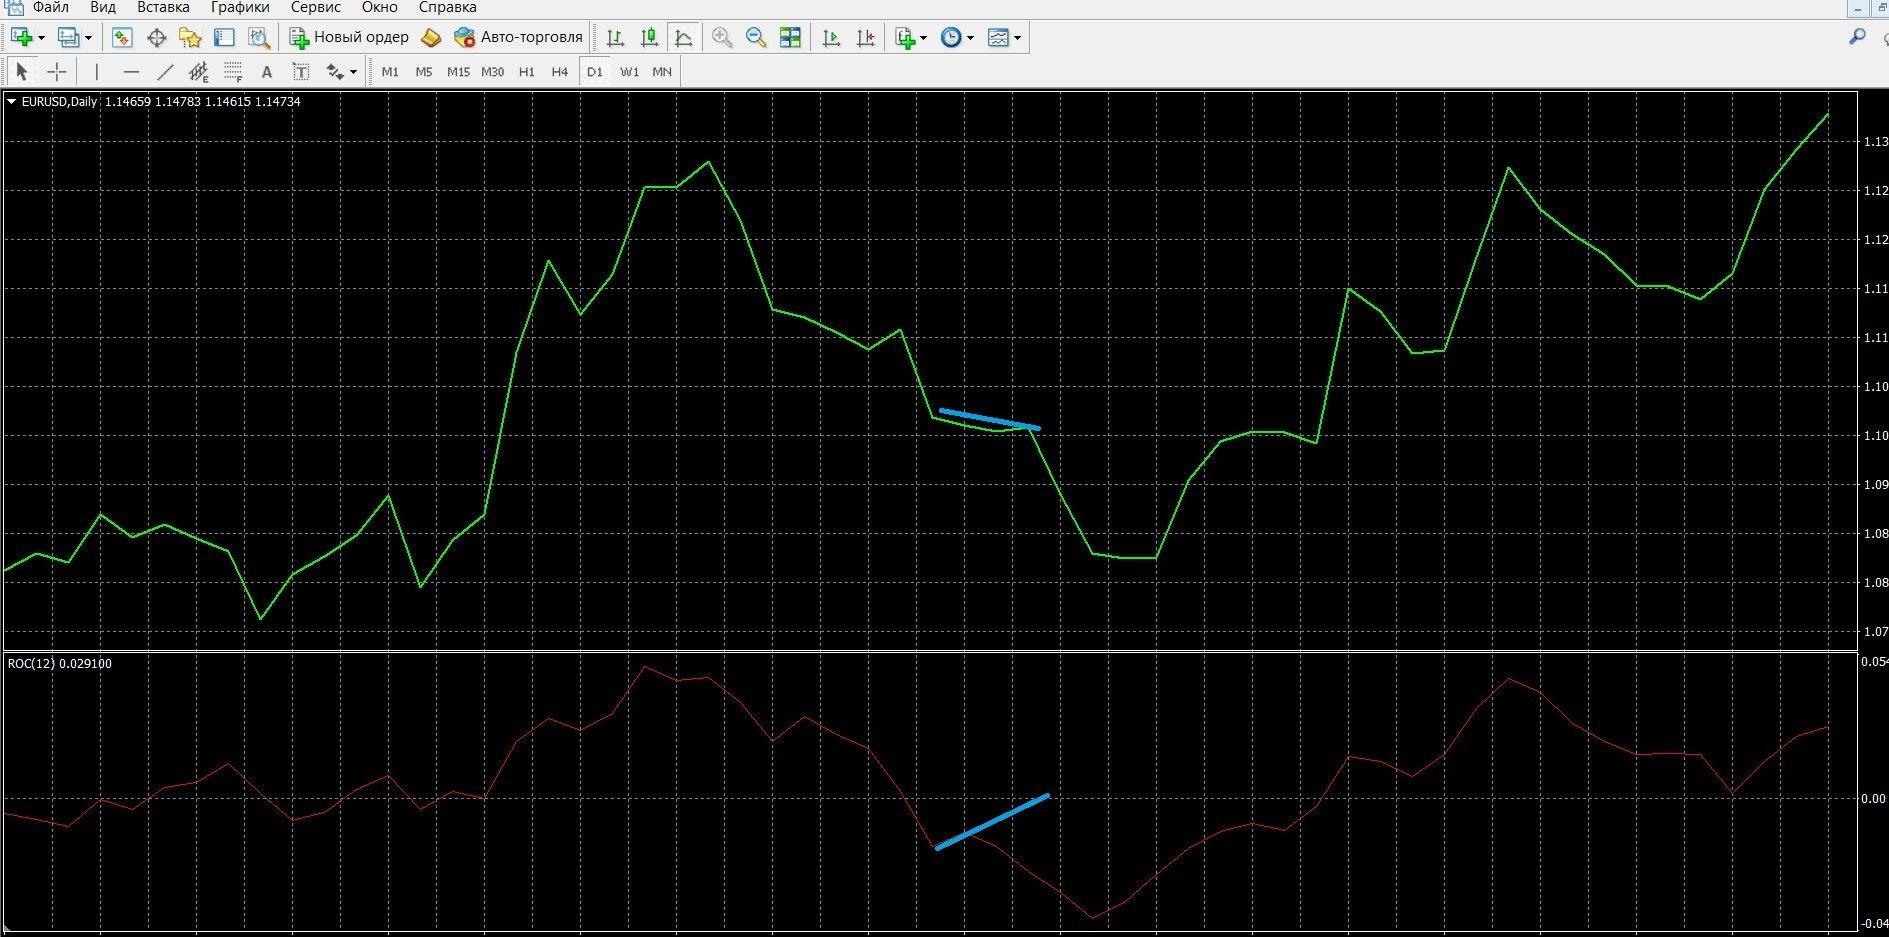 На изображении показана конвергенция ROC в МТ4